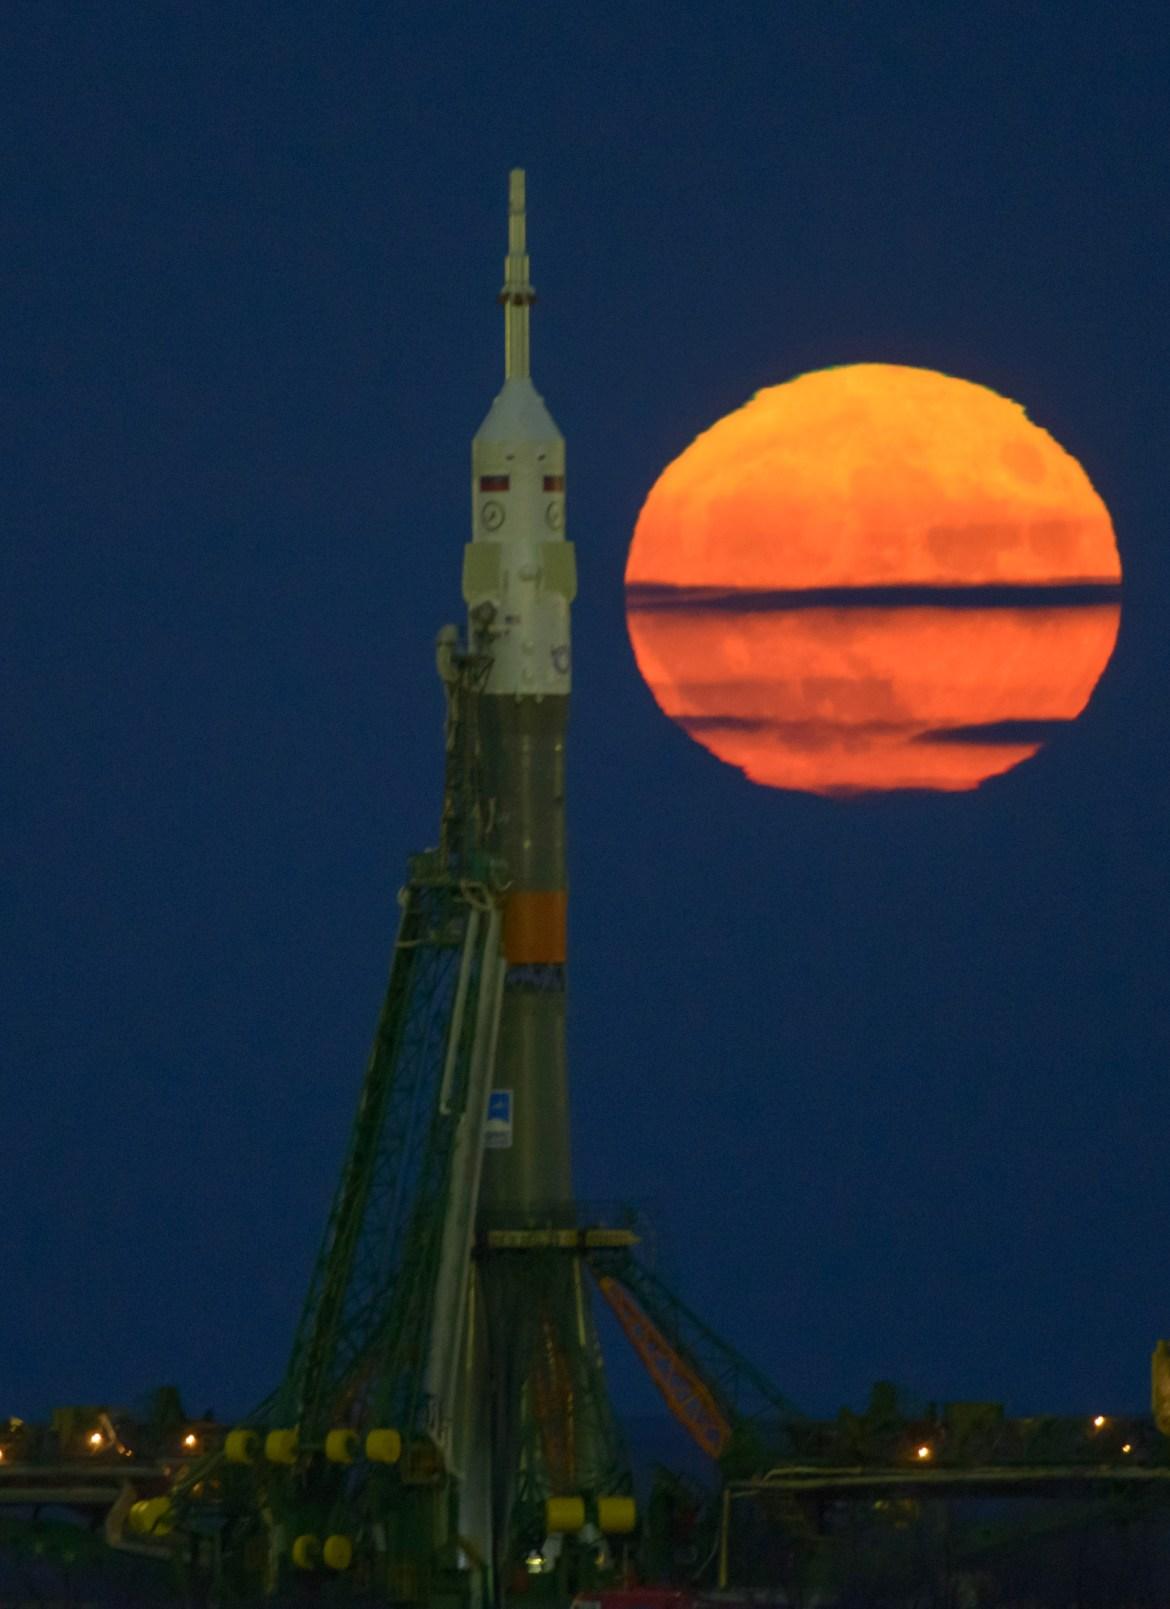 La super Lune du 14 novembre vient de se lever, au-dessus du pas de tir de la fusée Soyouz, au cosmodrome de Baikonour, où vont embarquer trois astronautes (parmi lesquels le français Thomas Pesquet), le 17 novembre - Crédit : NASA, Bill Ingalls